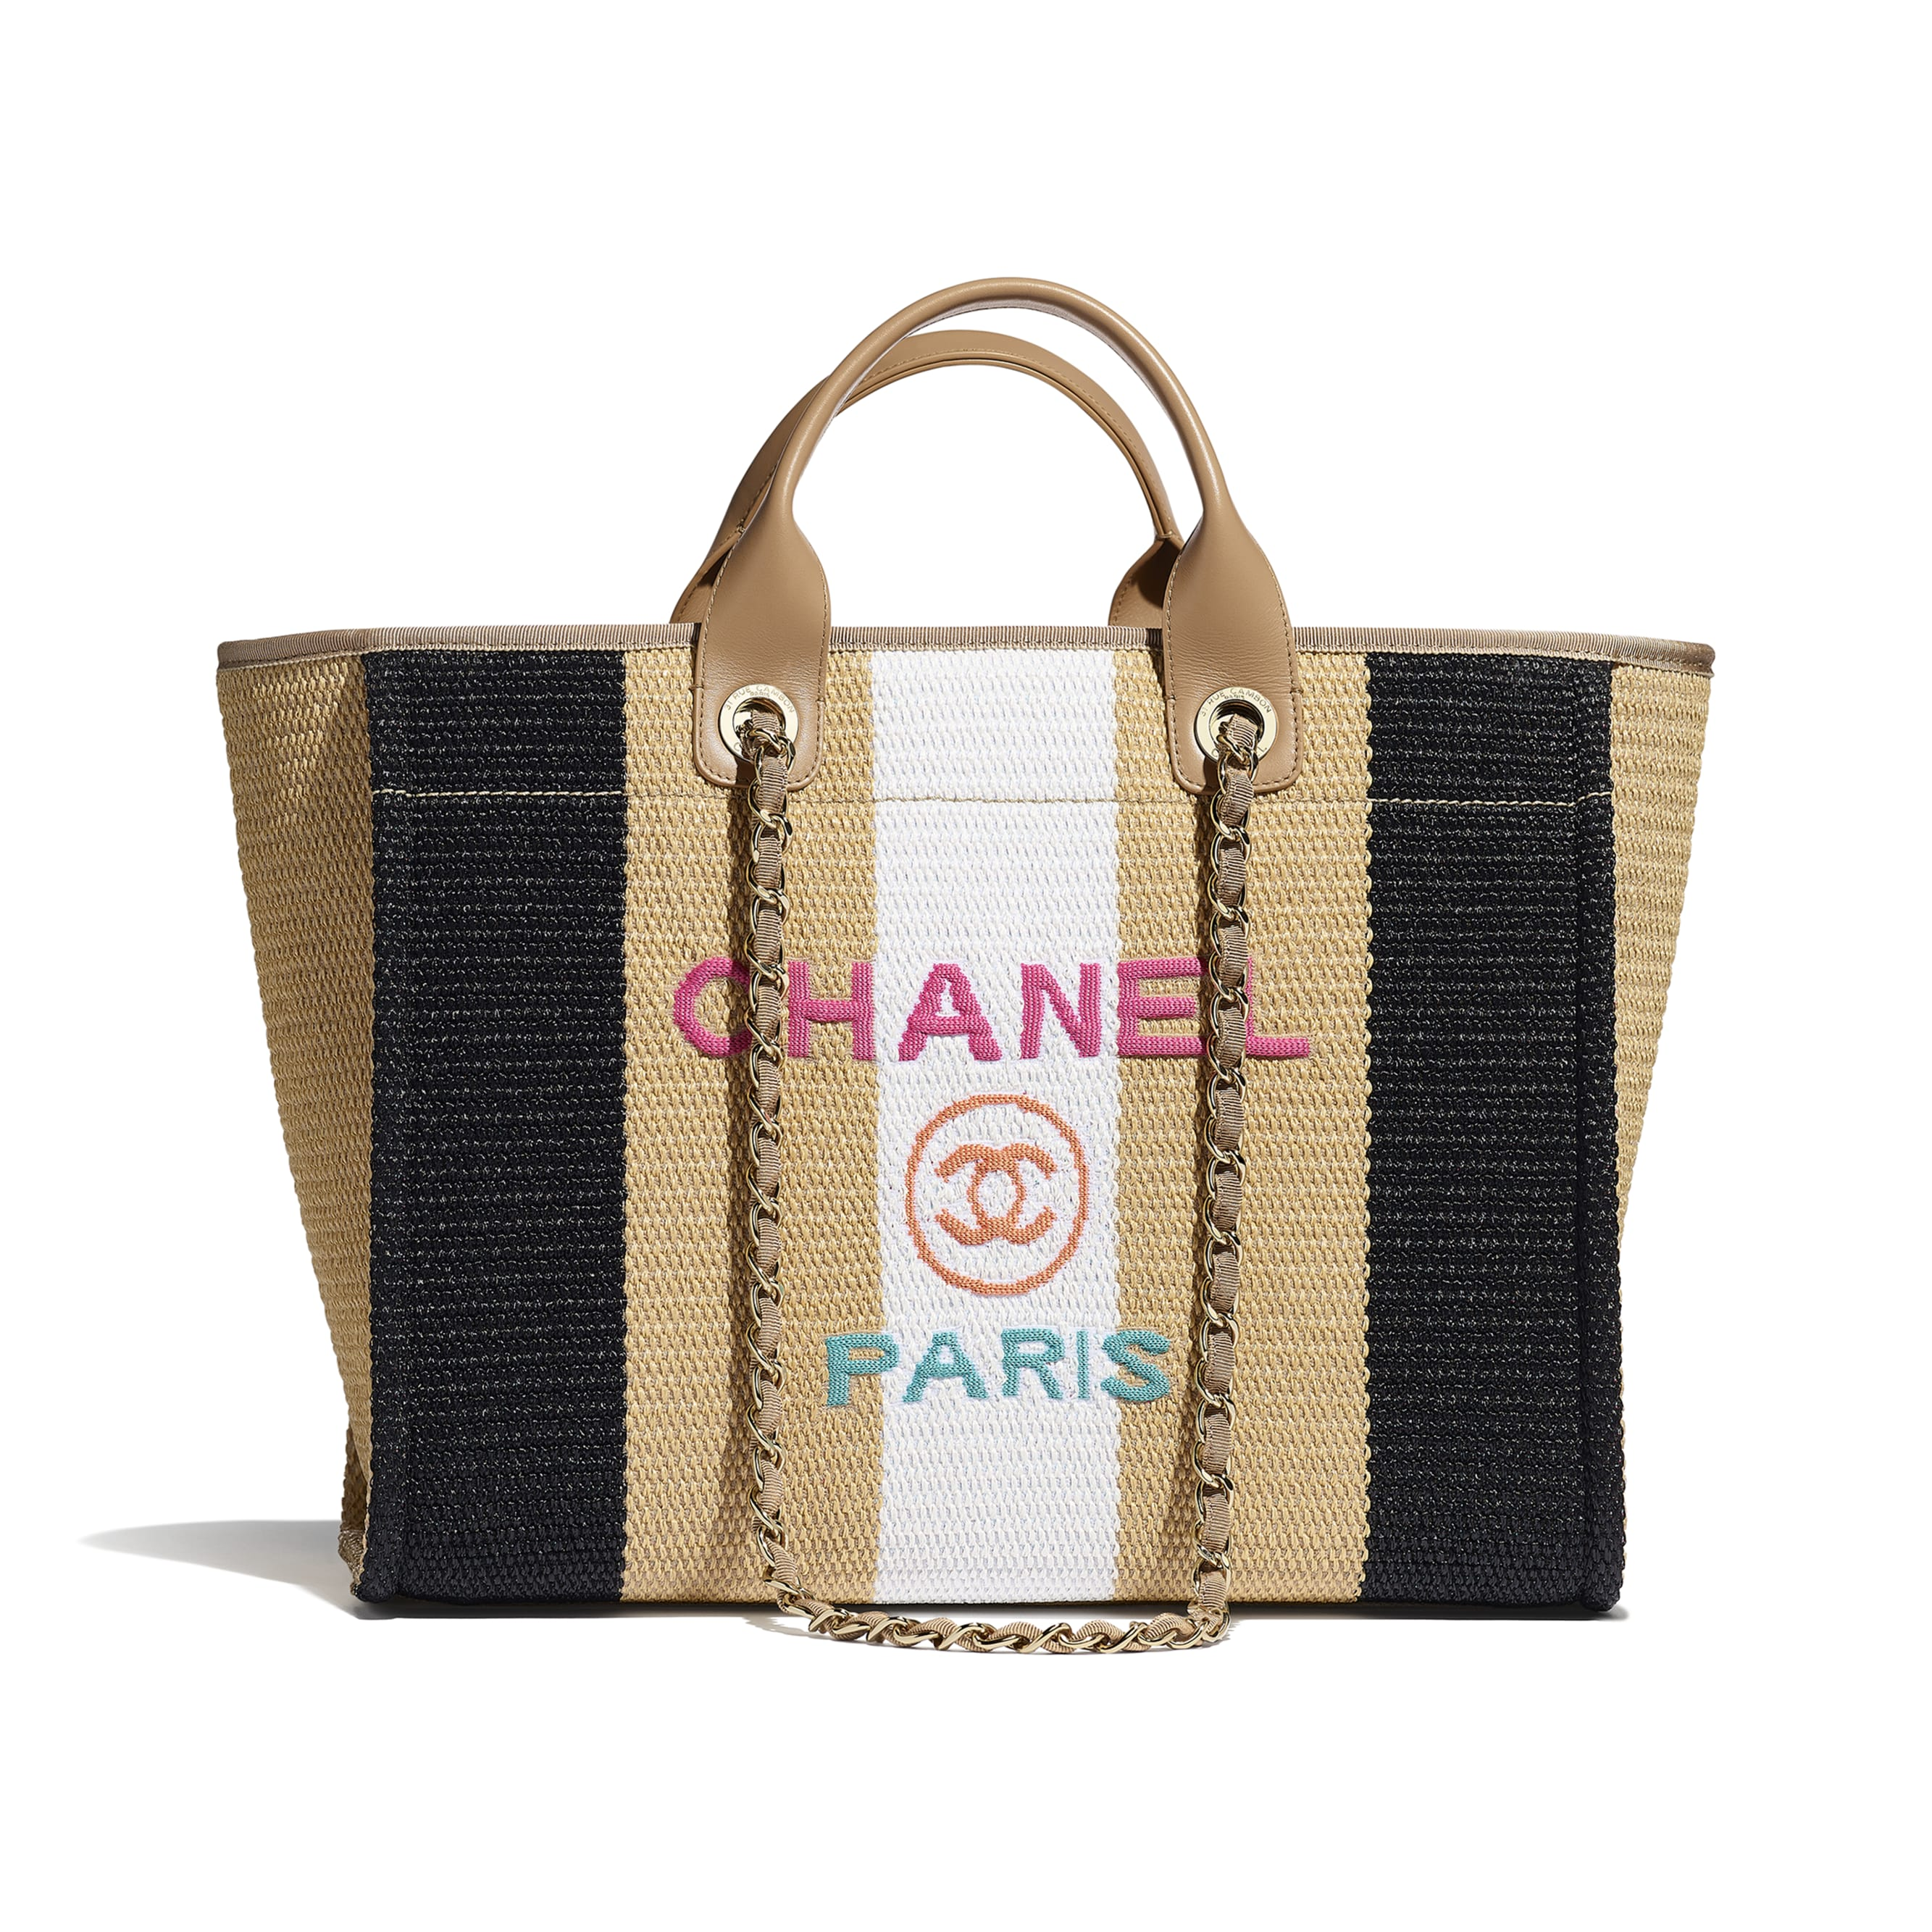 購物袋 - 米、黑及象牙色 - 人造絲、棉、小牛皮及金色金屬 - CHANEL - 預設視圖 - 查看標準尺寸版本